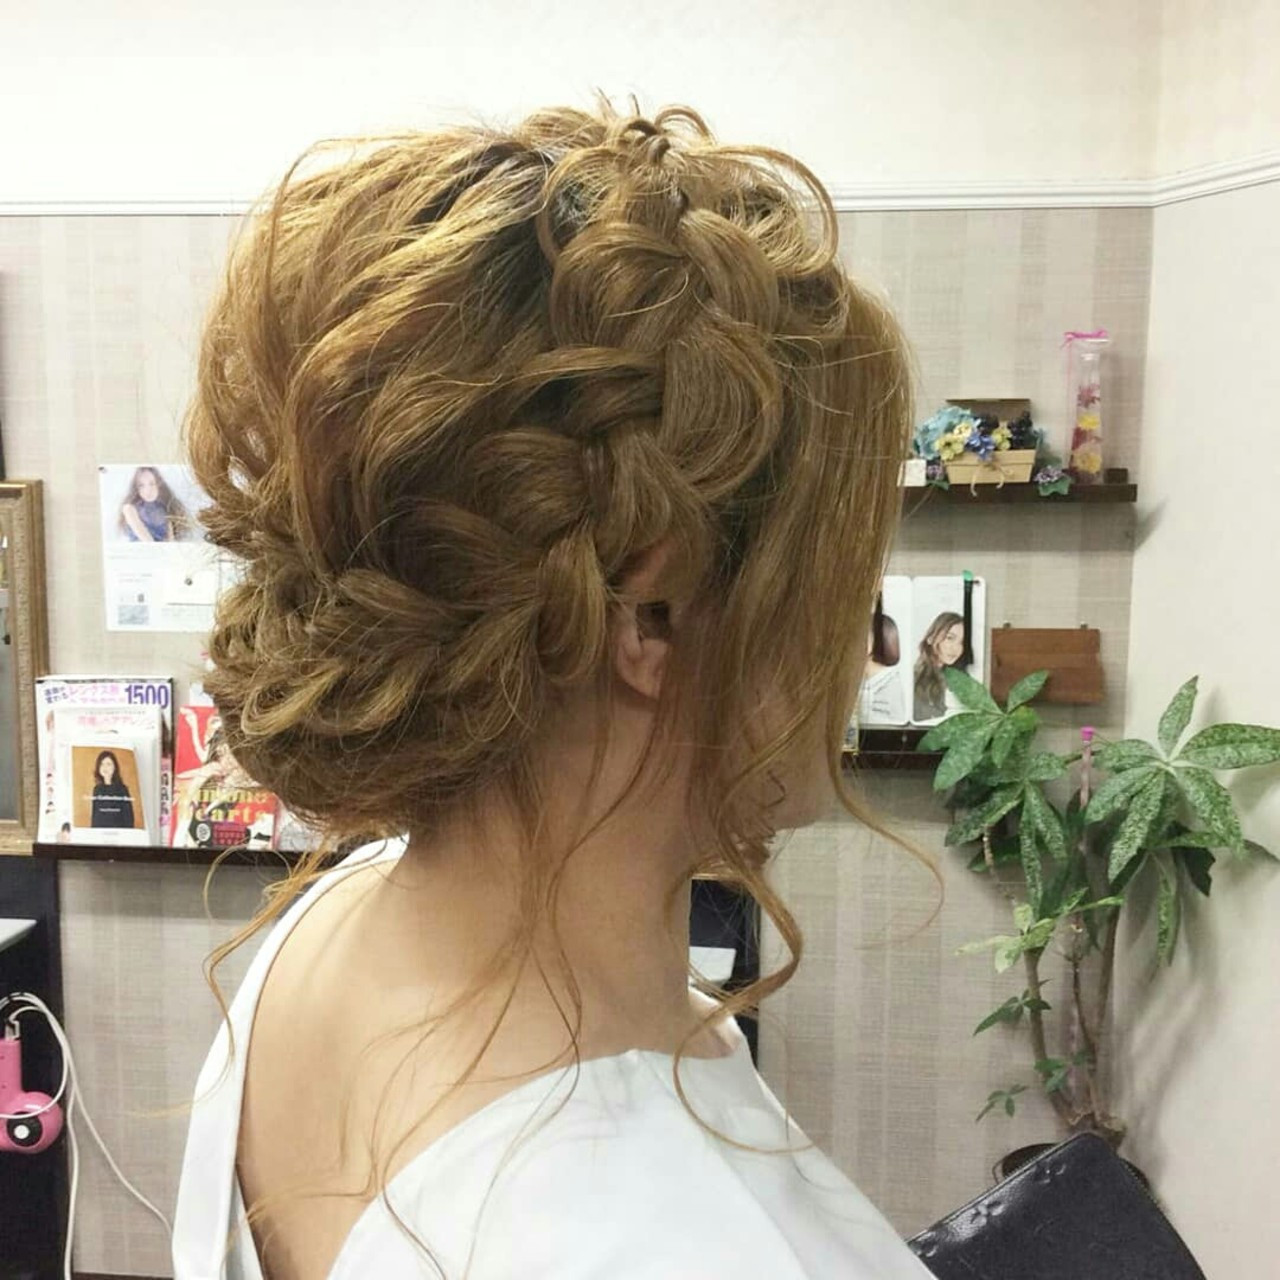 ナチュラル 編み込み ヘアアレンジ セミロング ヘアスタイルや髪型の写真・画像